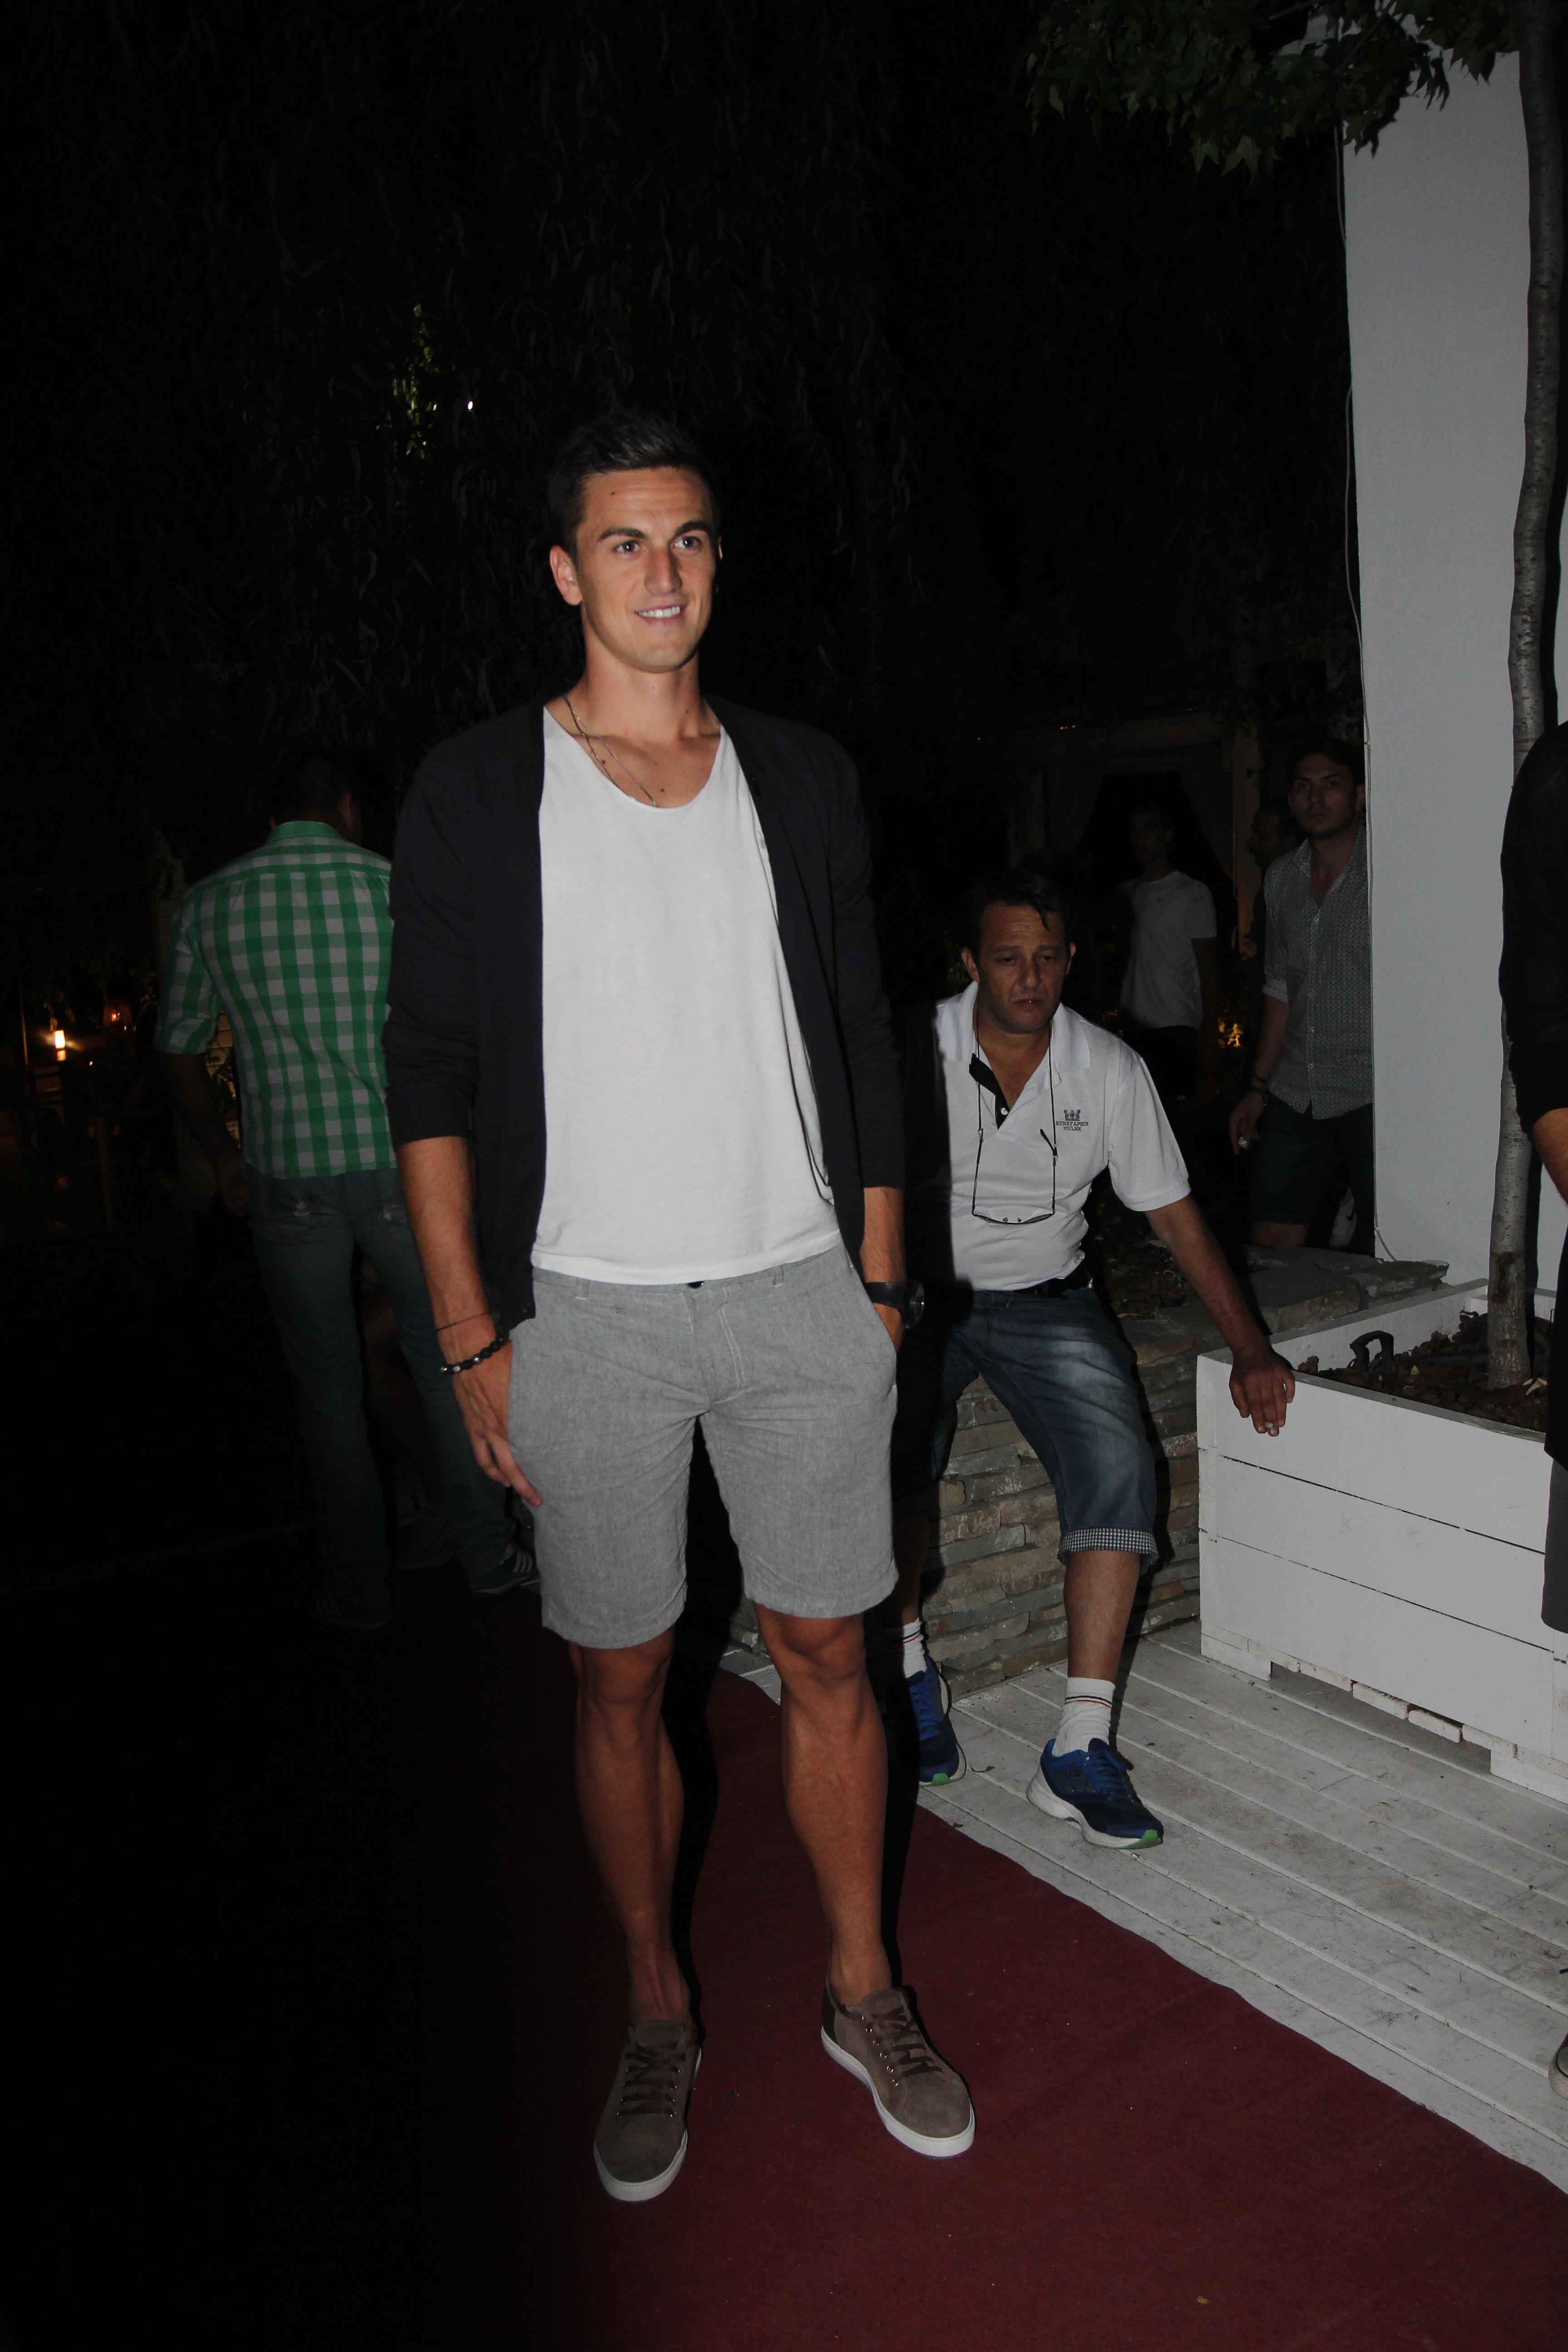 Florin Gardos a venit neinsotit la eveniment